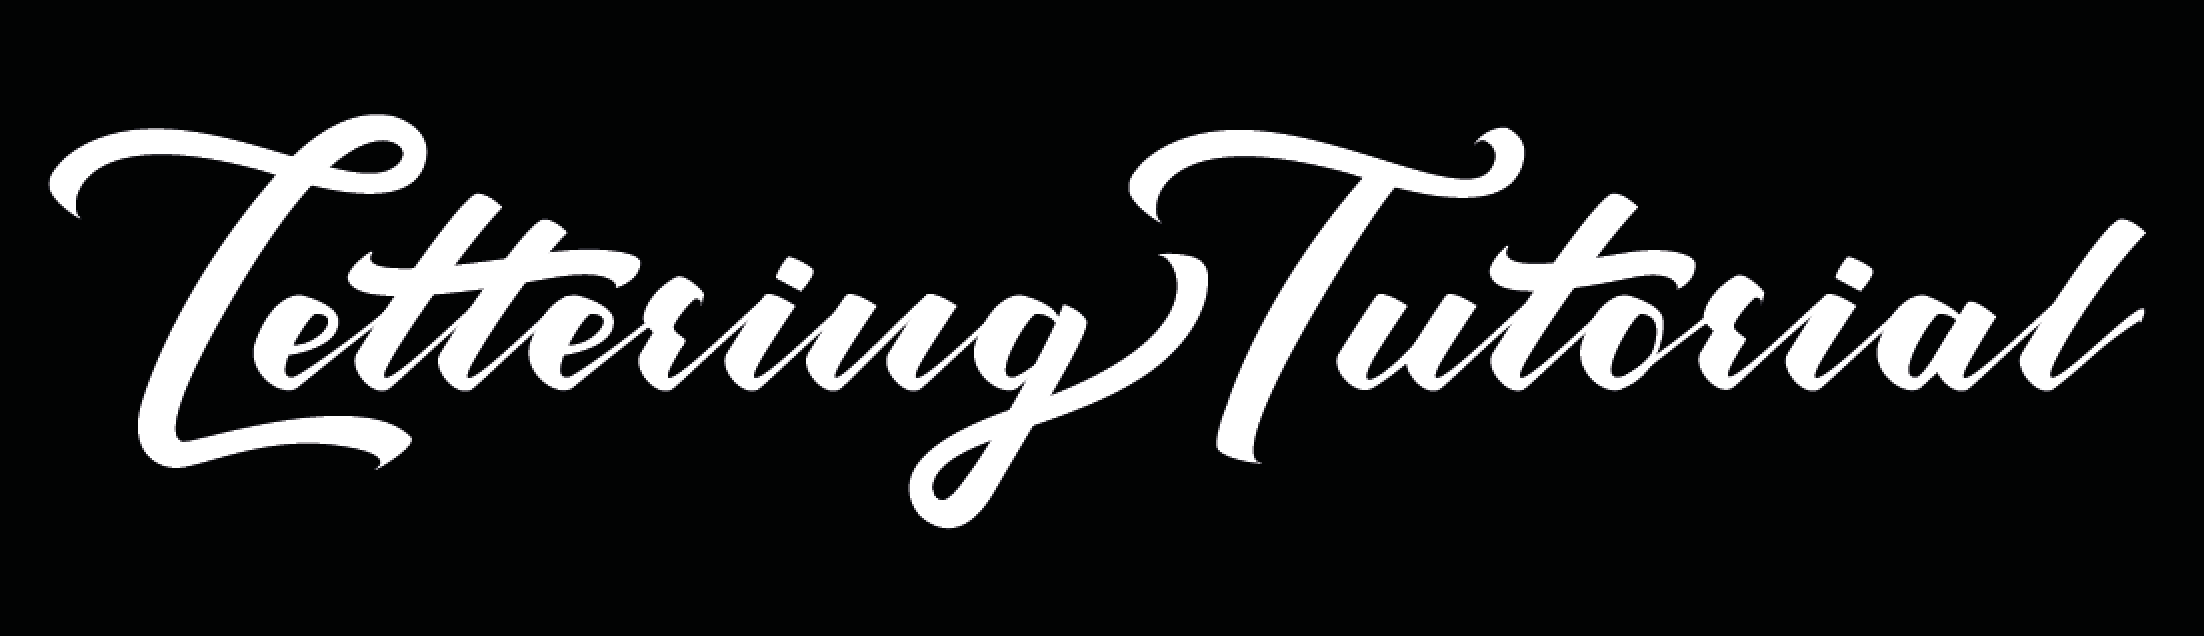 Lettering Tutorial White on Black Logo